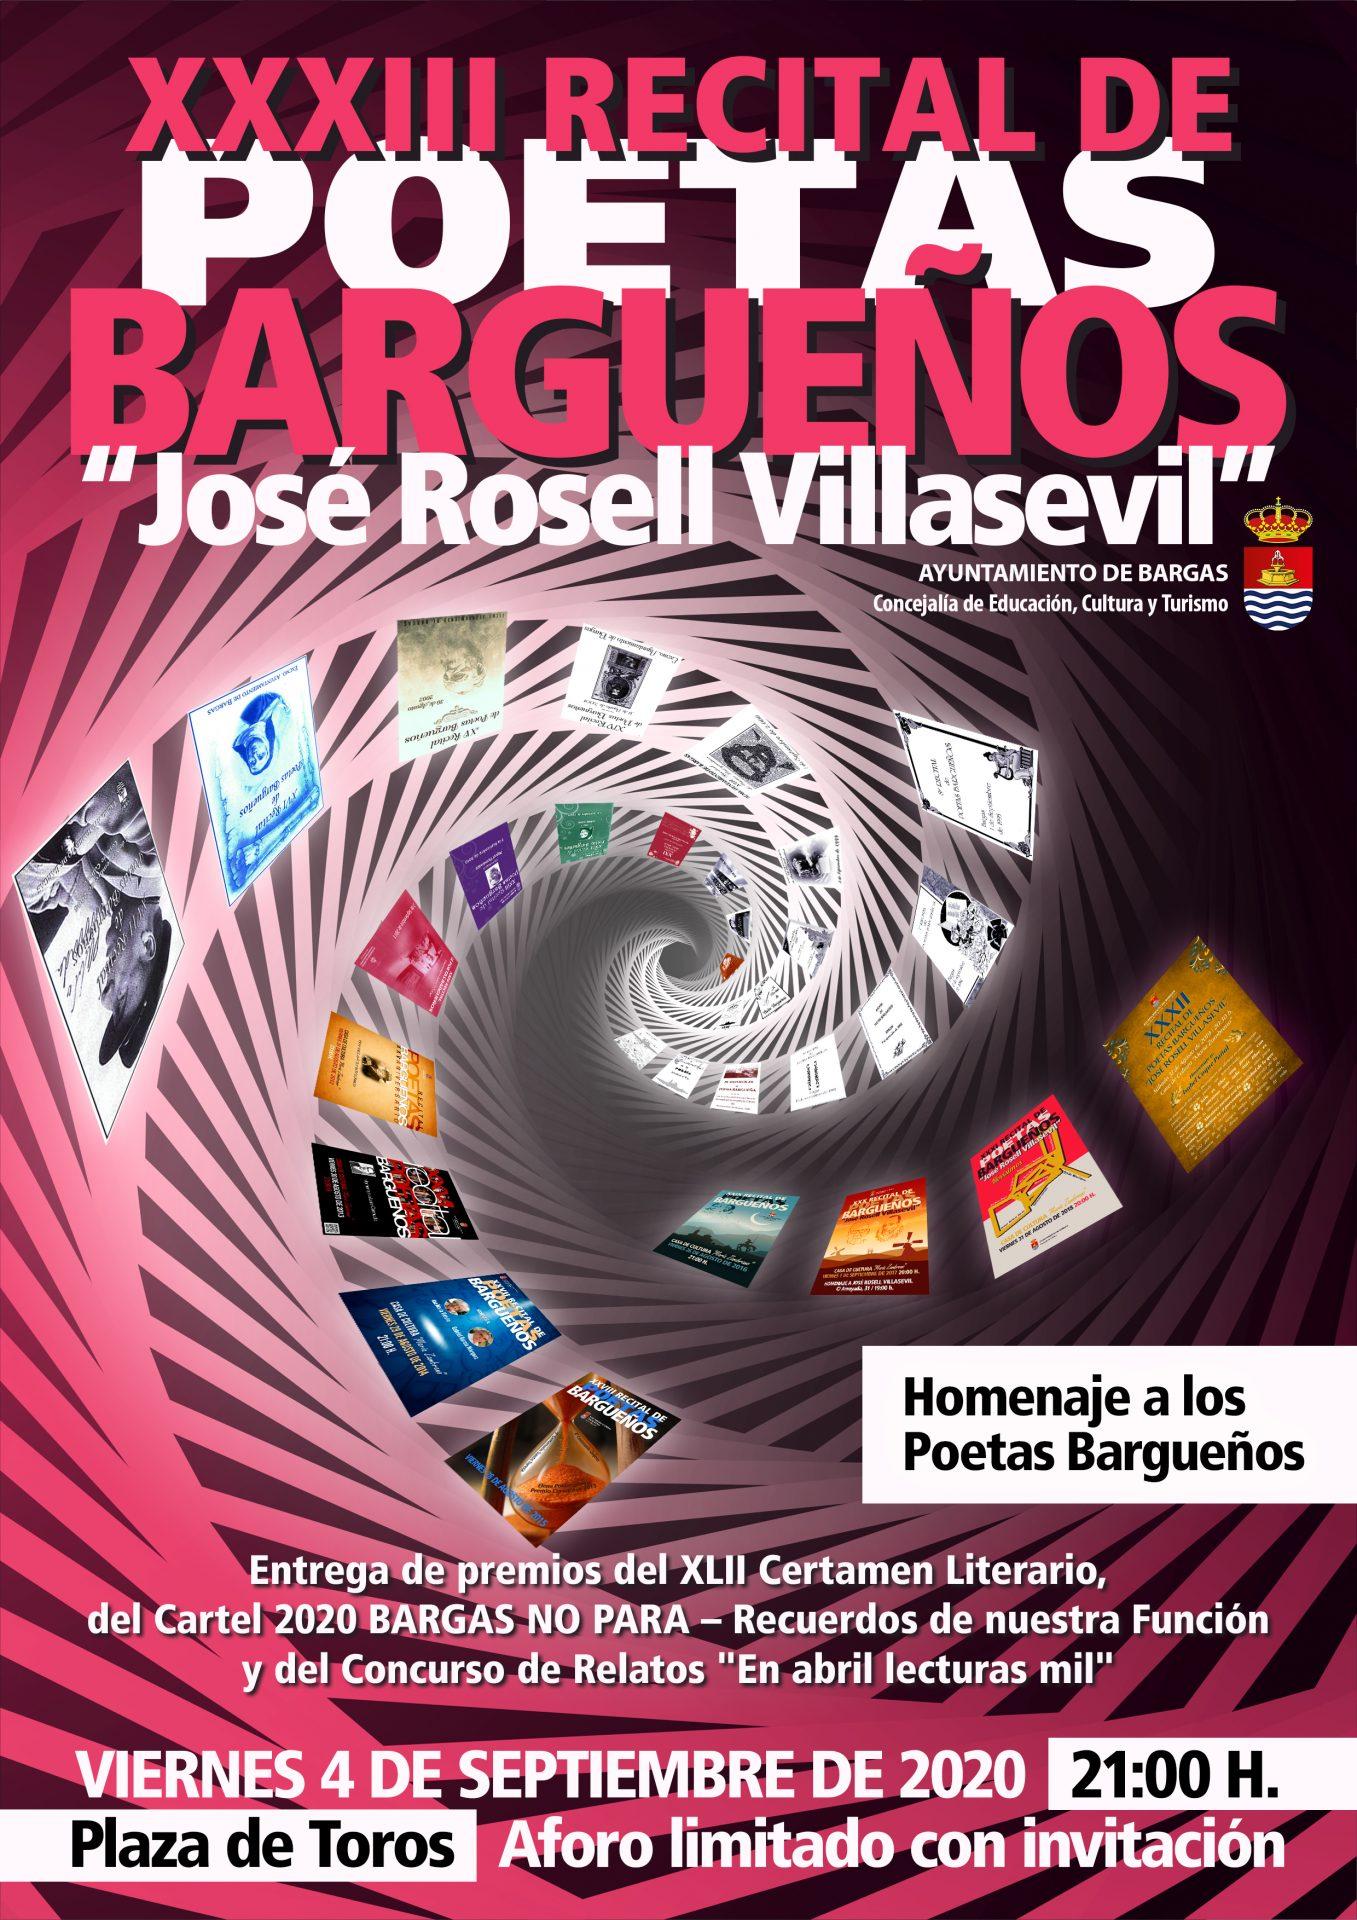 XXXIII Recital de Poetas Bargueños